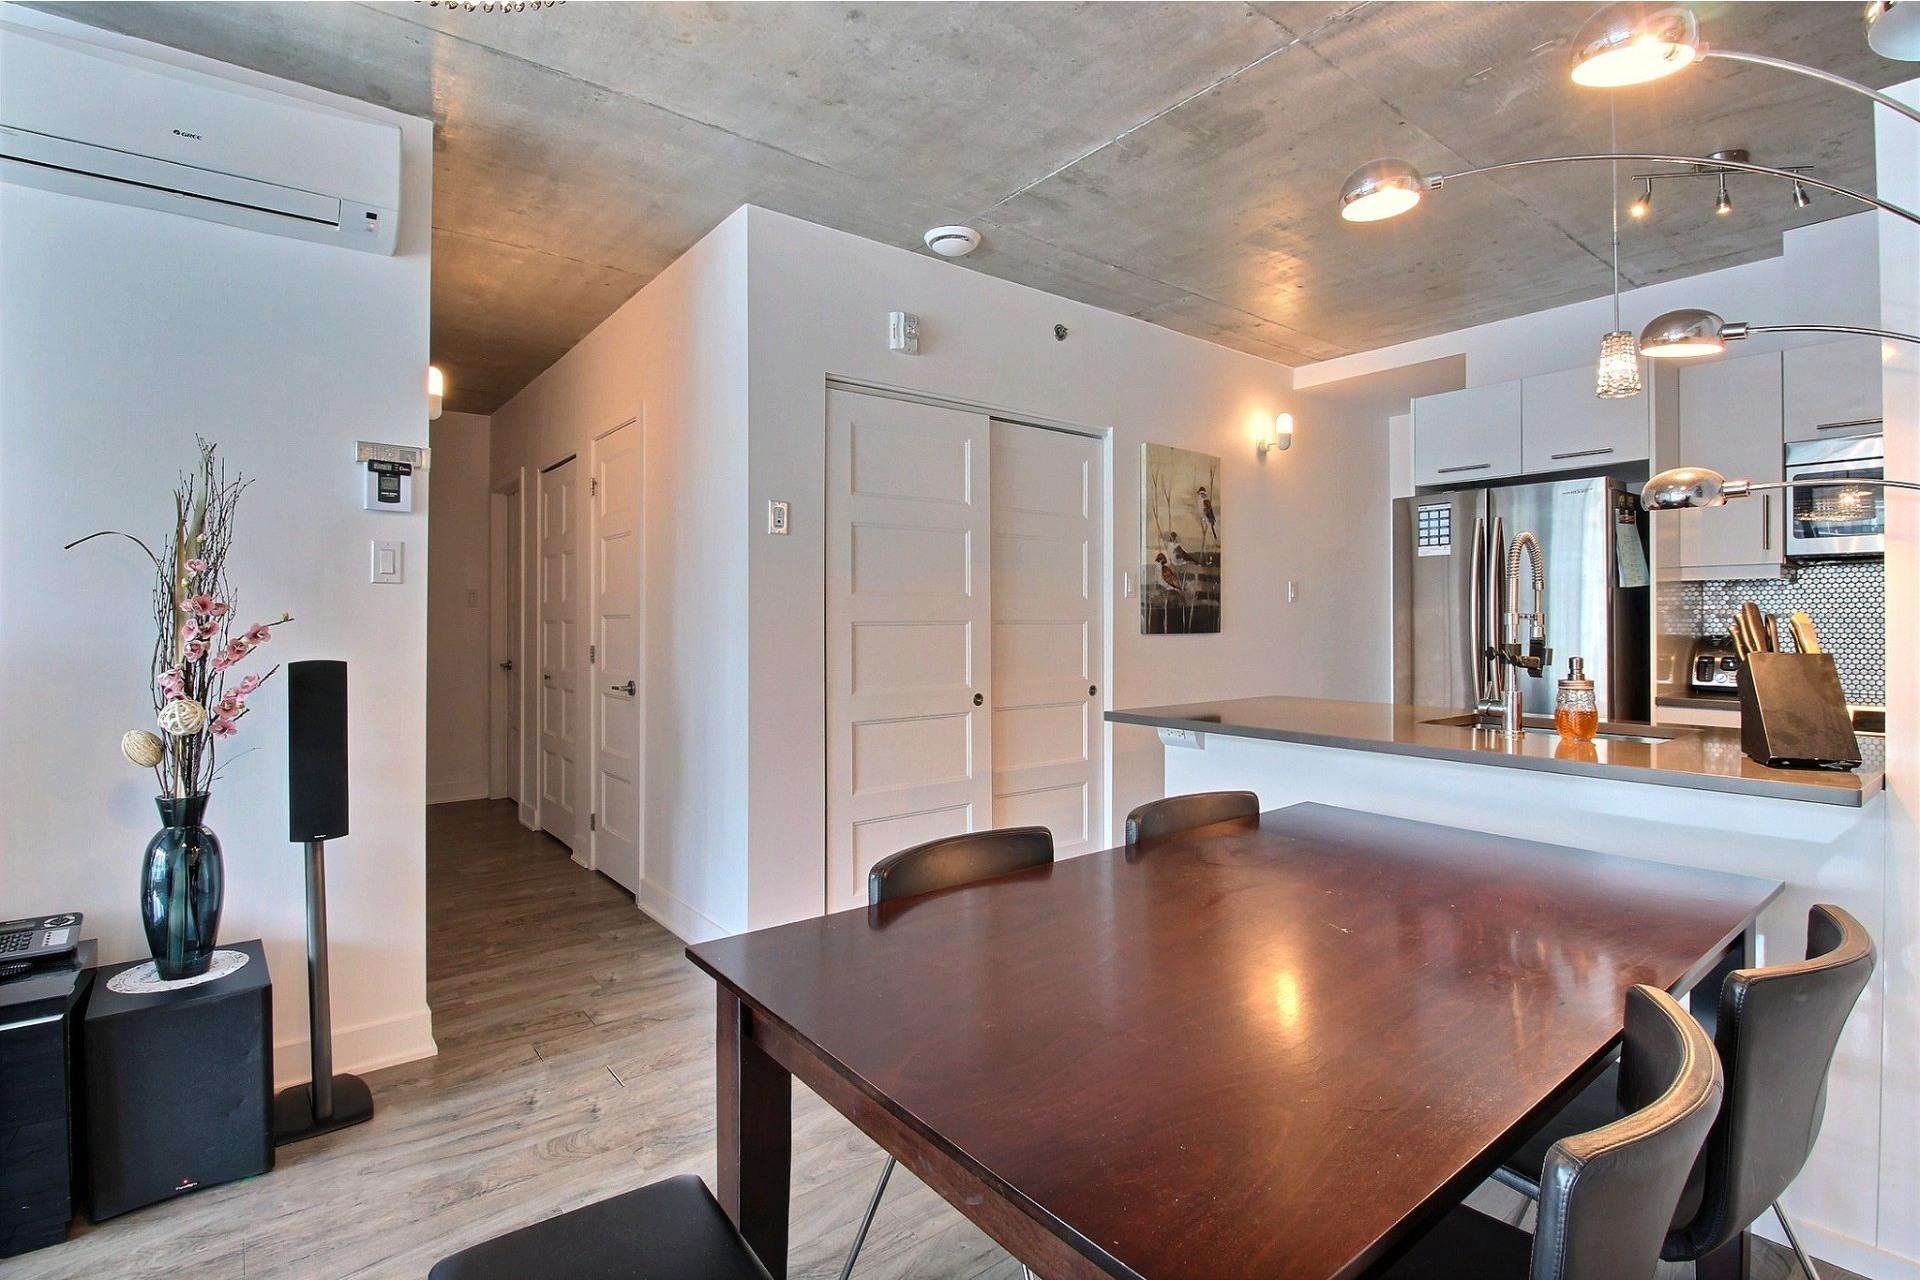 image 5 - Apartment For rent Montréal Le Sud-Ouest  - 6 rooms